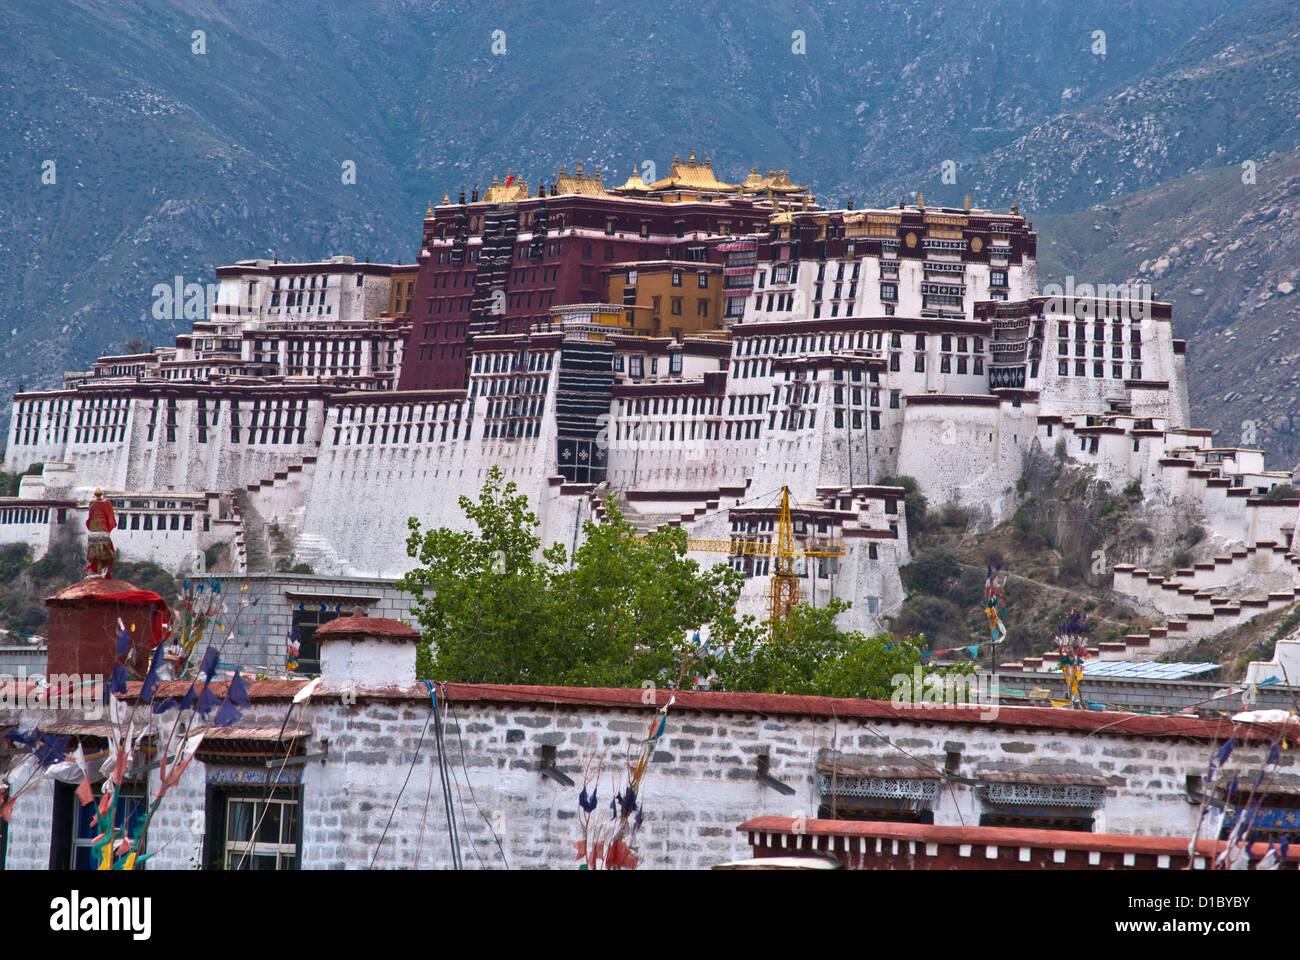 Potala palace above old town Lhasa, Tibet - Stock Image